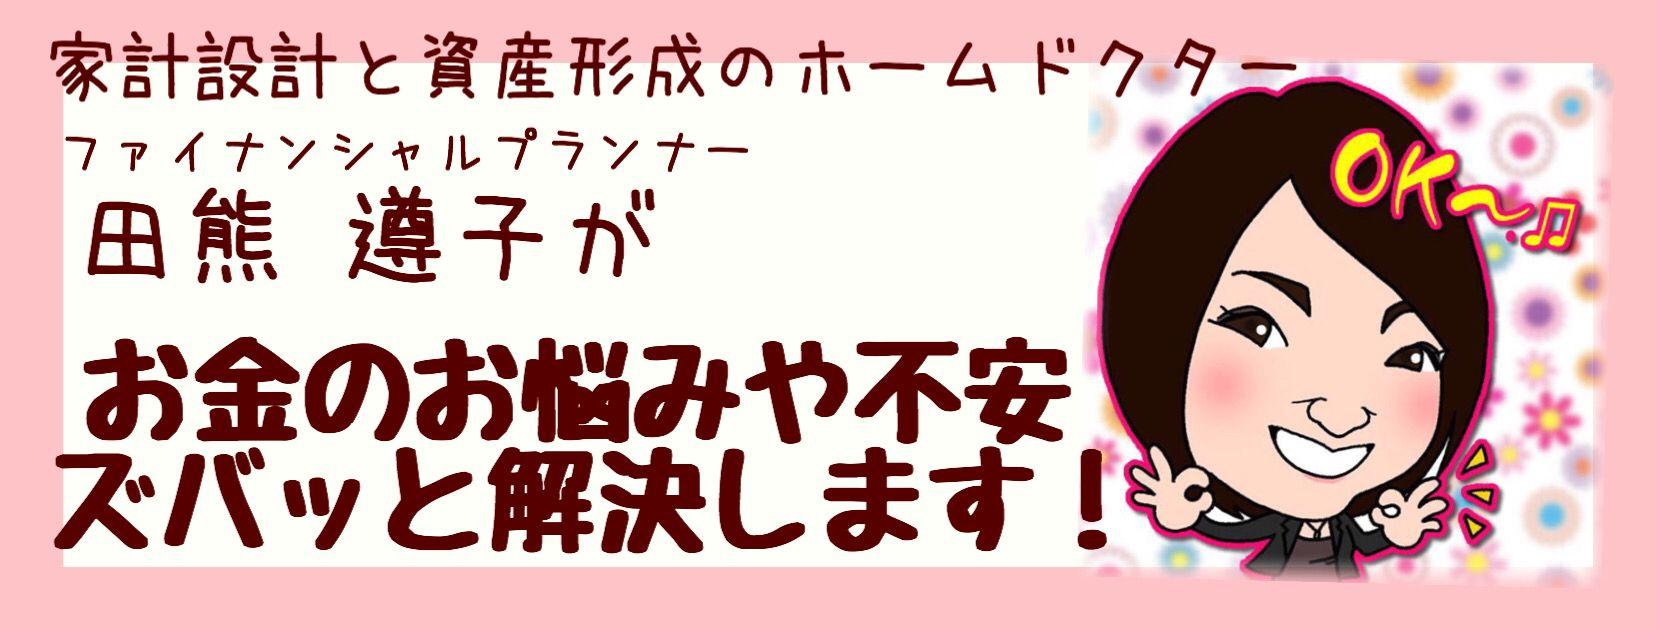 田熊FPコンサルティング